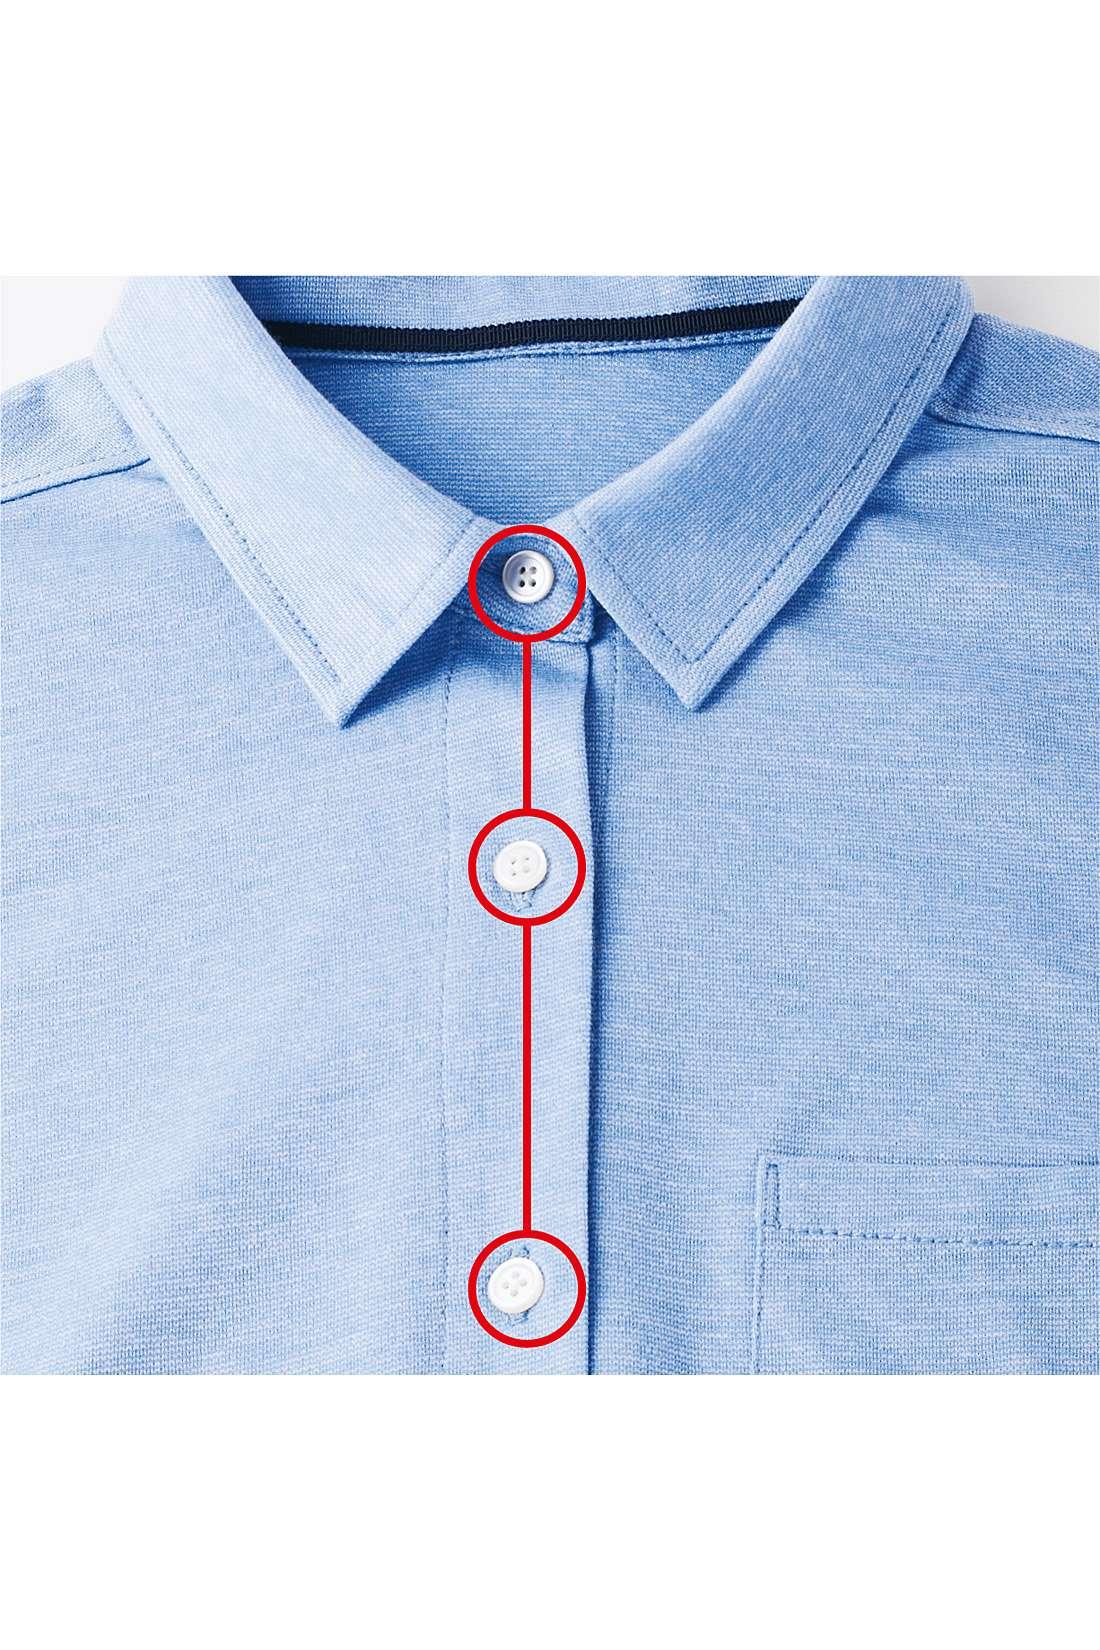 第二ボタンを開けても品よく見える絶妙なボタン配置。※お届けするカラーとは異なります。